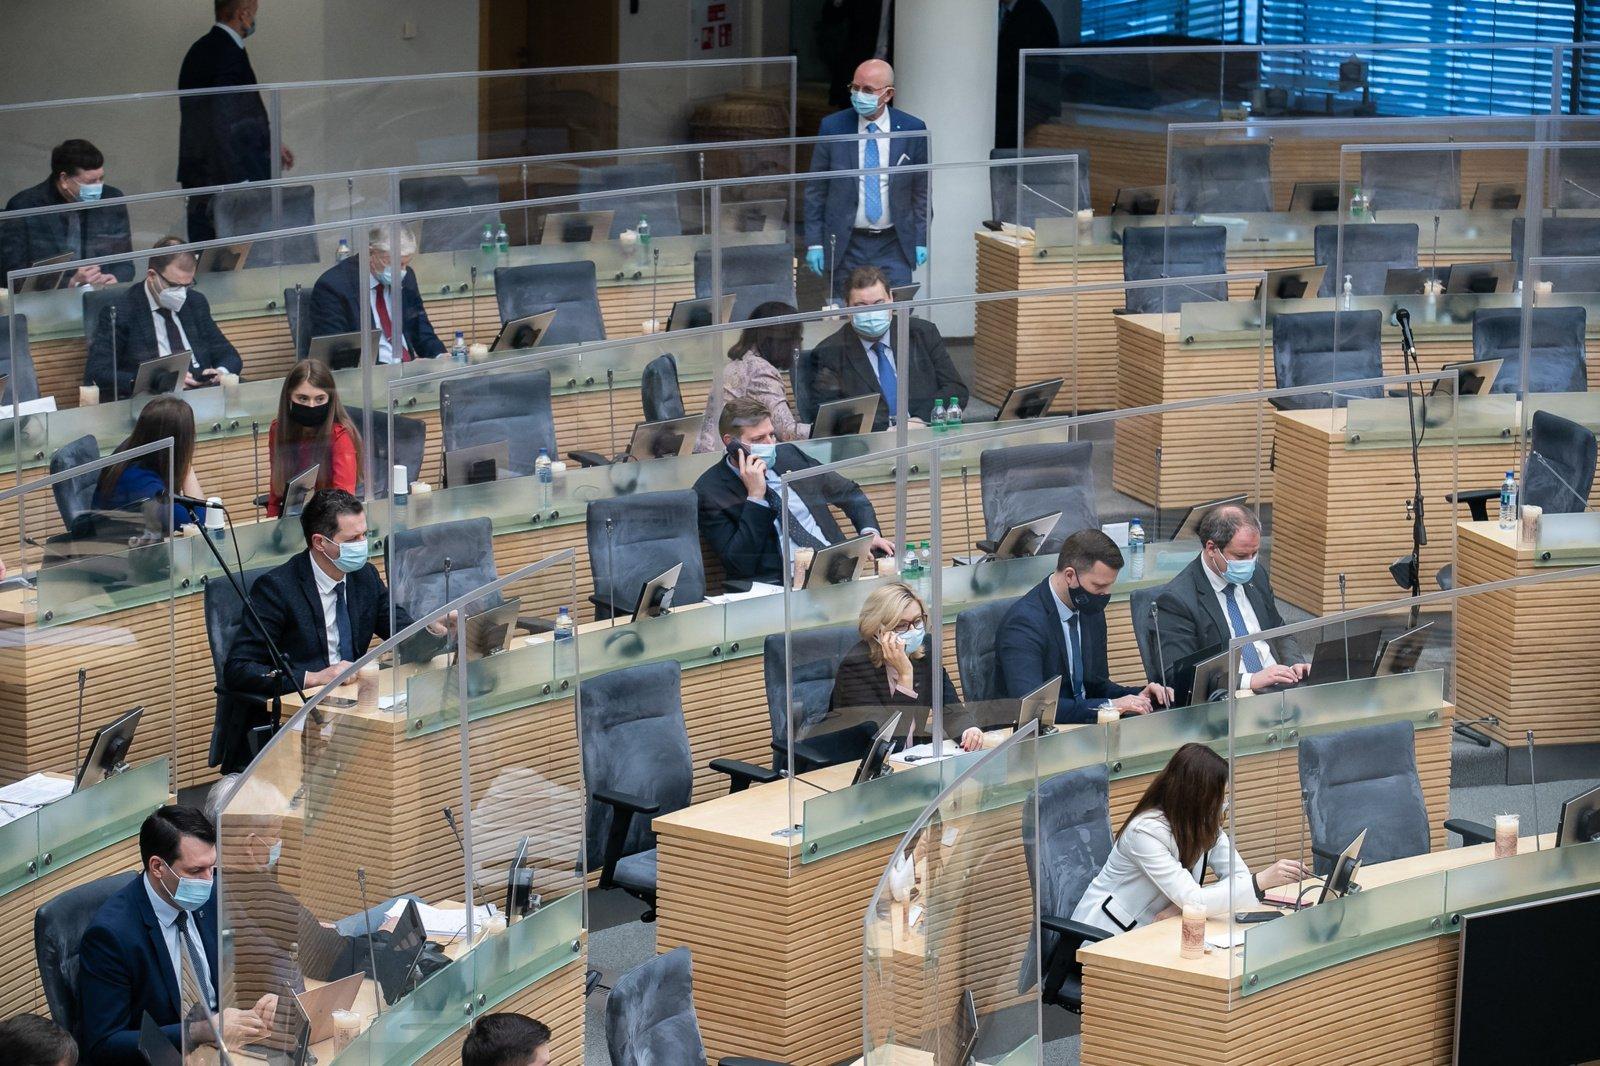 Į pavasario sesiją Seimas rinksis gyvai, dėl nuotolinių posėdžių bus sprendžiama atskirai